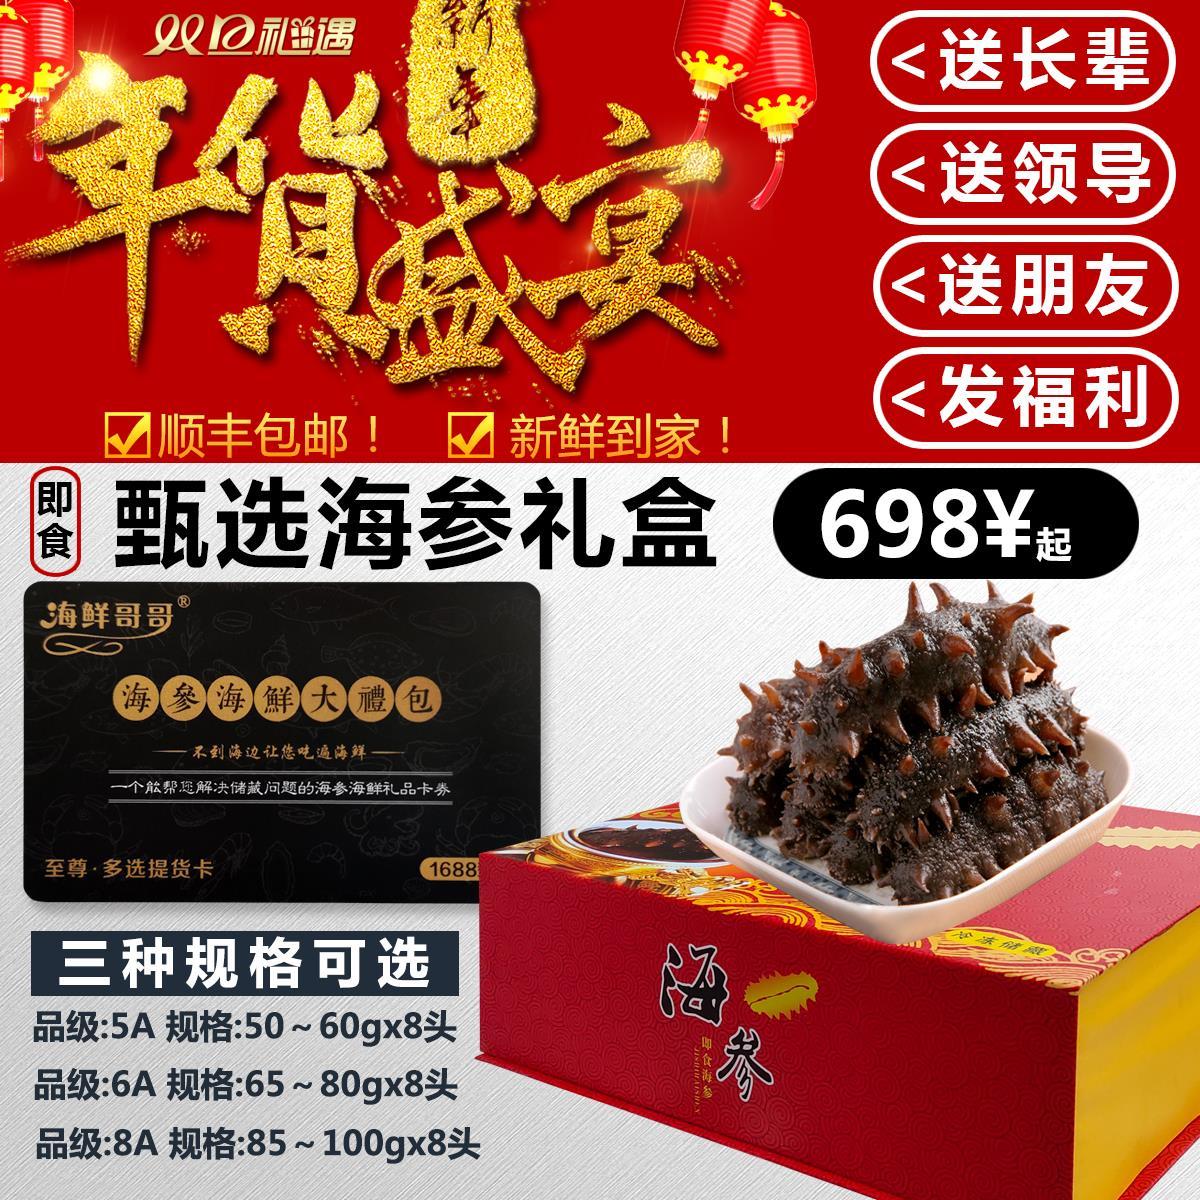 海鲜礼券 898型 全国配送 海鲜提货卡 进口海鲜礼盒